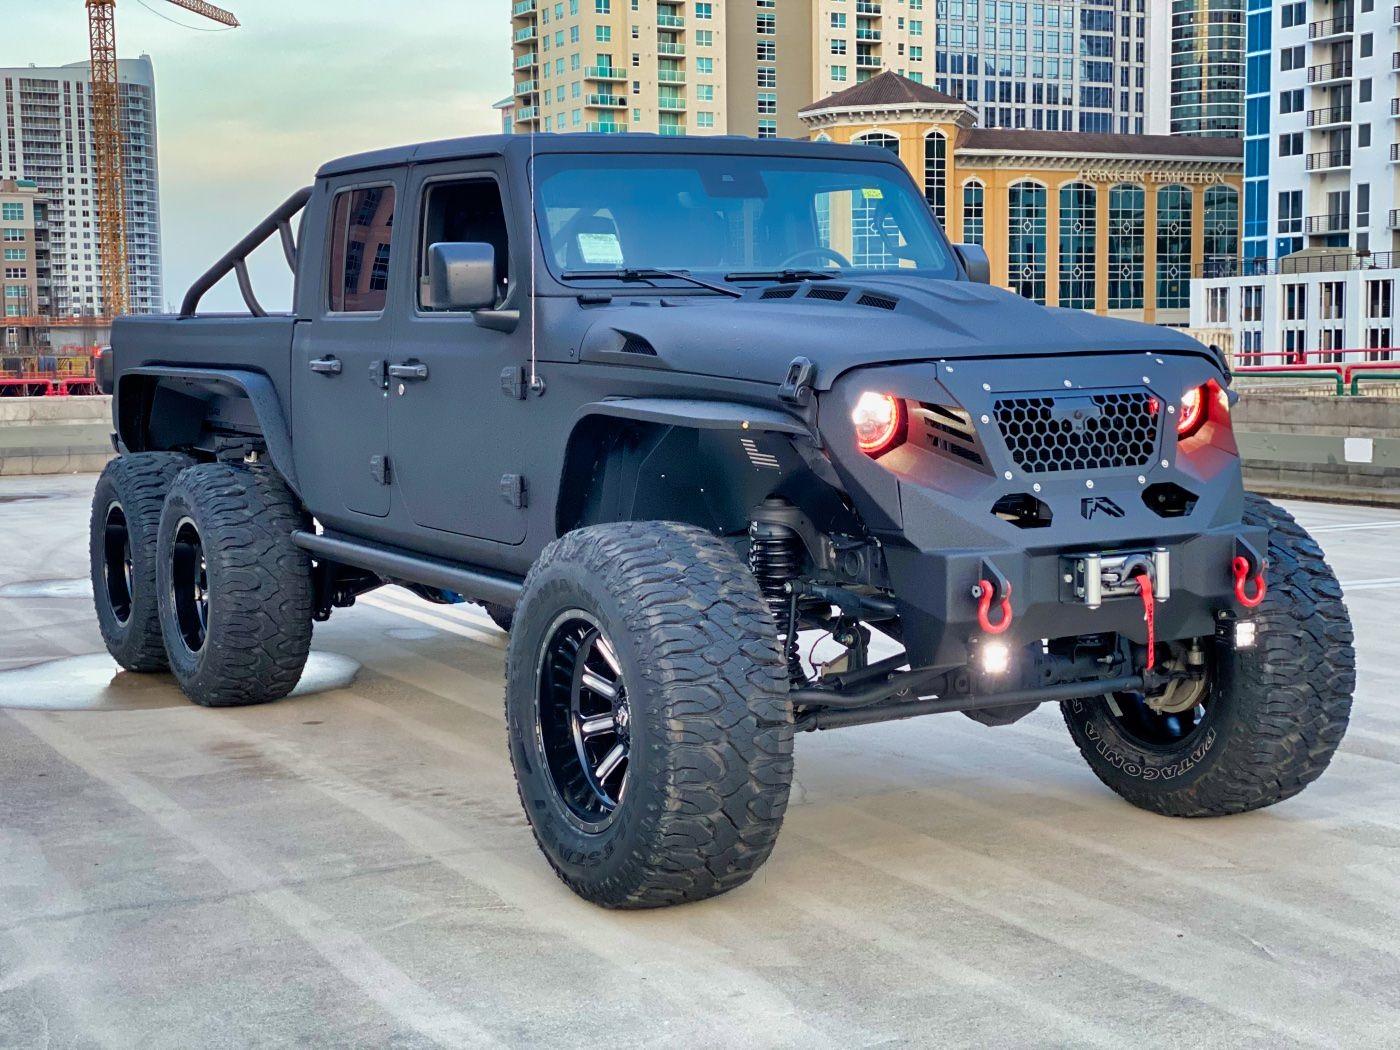 Jeep-Gladiator-6x6-by-So-Flo-Jeeps-3